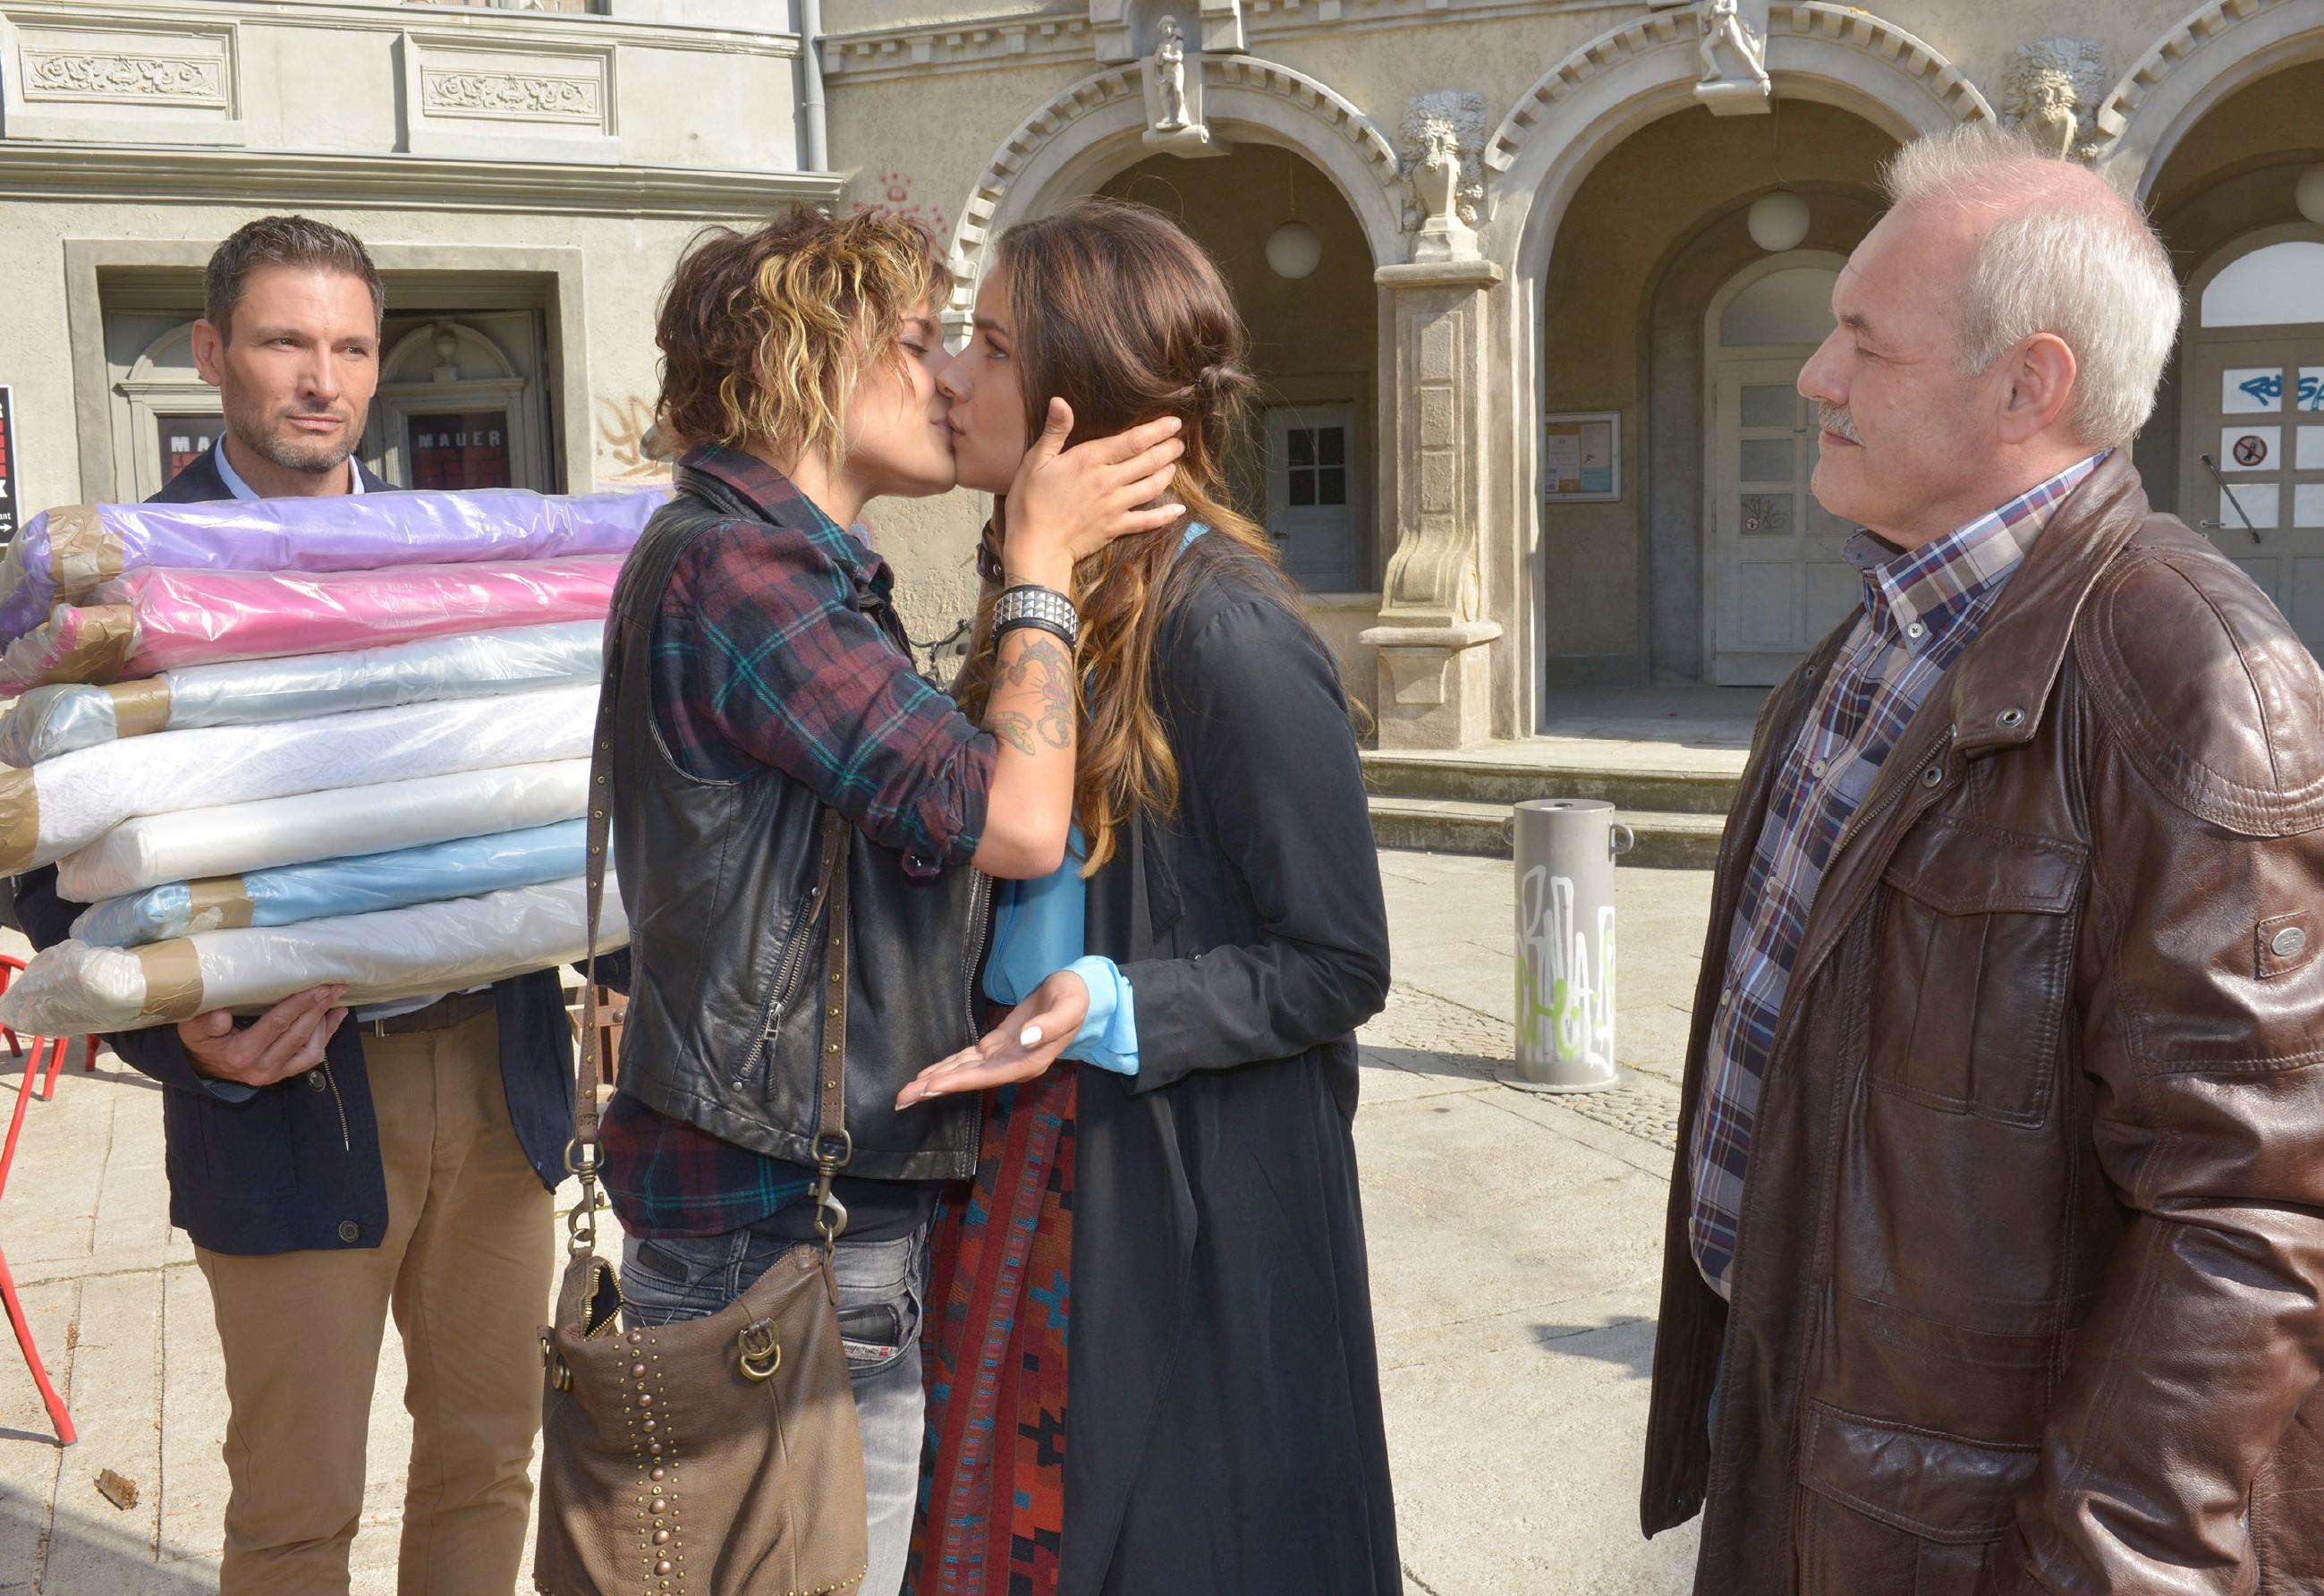 Wie Frederic (Dieter Bach, l.) ist Jasmin (Janina Uhse, 2.v.r.) völlig überrascht, als Anni (Linda Marlen Runge) sie vor Annis Vater Rainer (Achim E. Ruppel) unvermittelt küsst... (Quelle: RTL / Rolf Baumgartner)